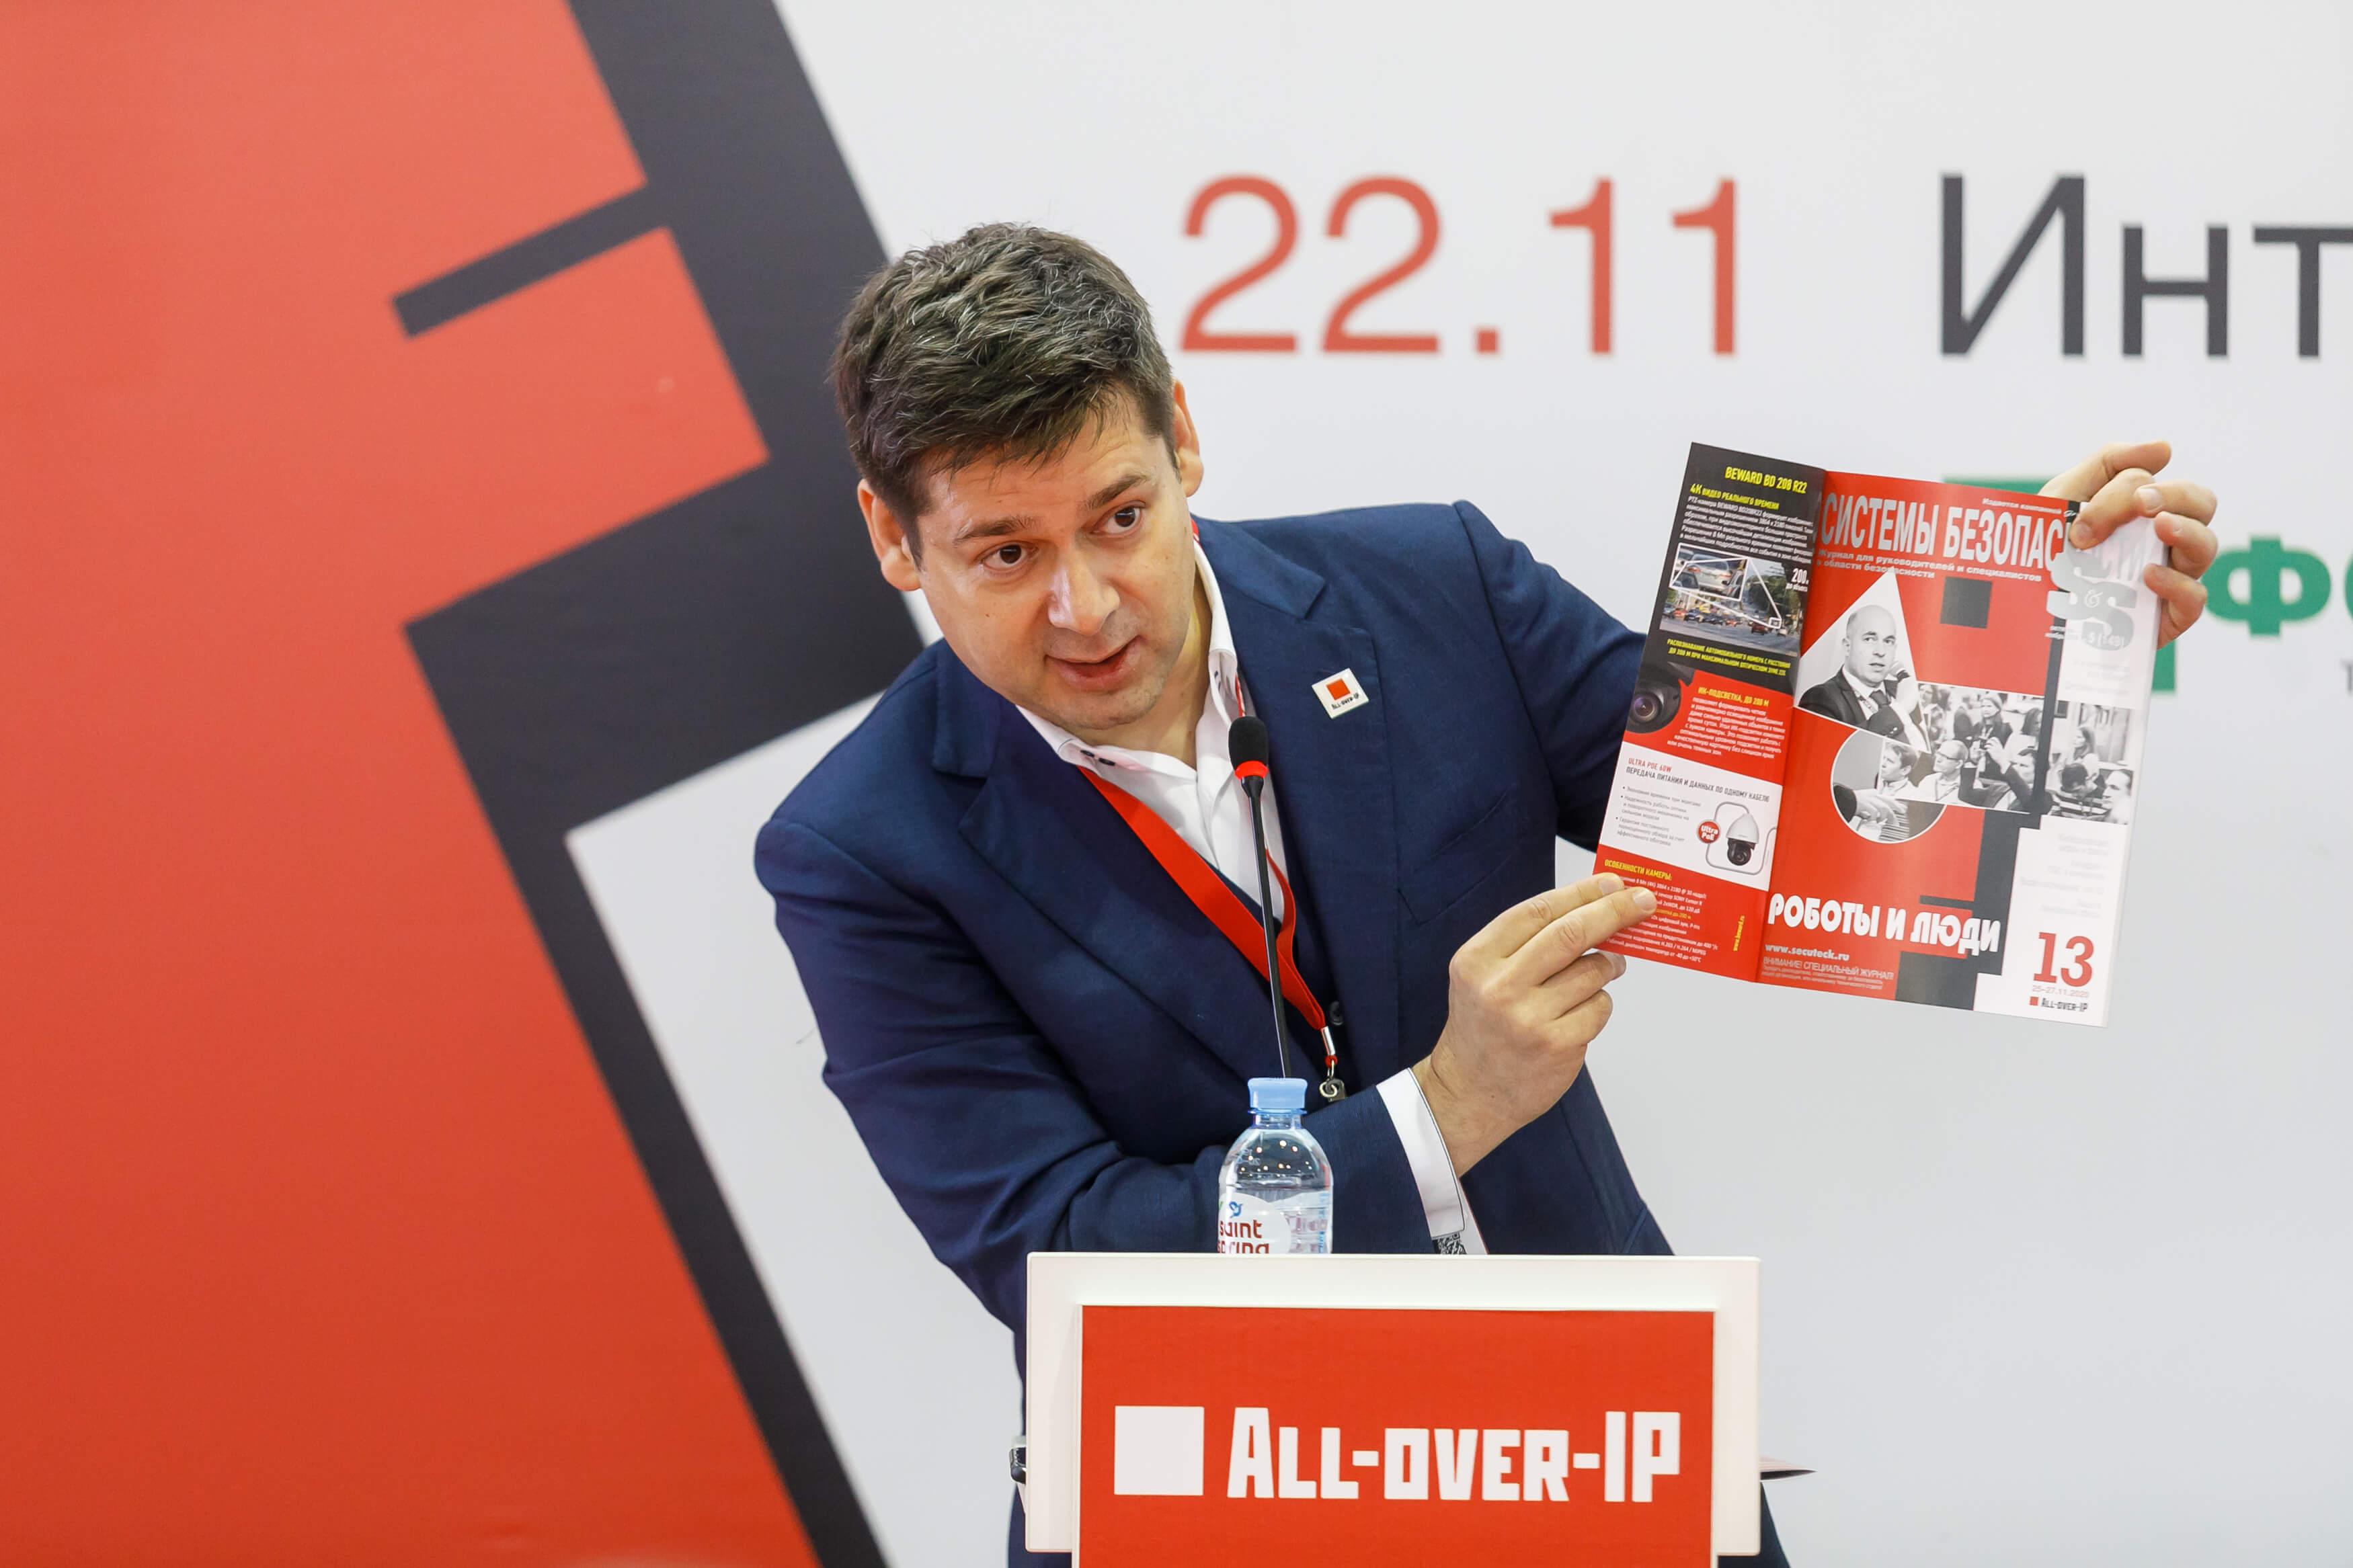 Форум All-over-IP 2019. День первый. Триумф цифровой трансформации